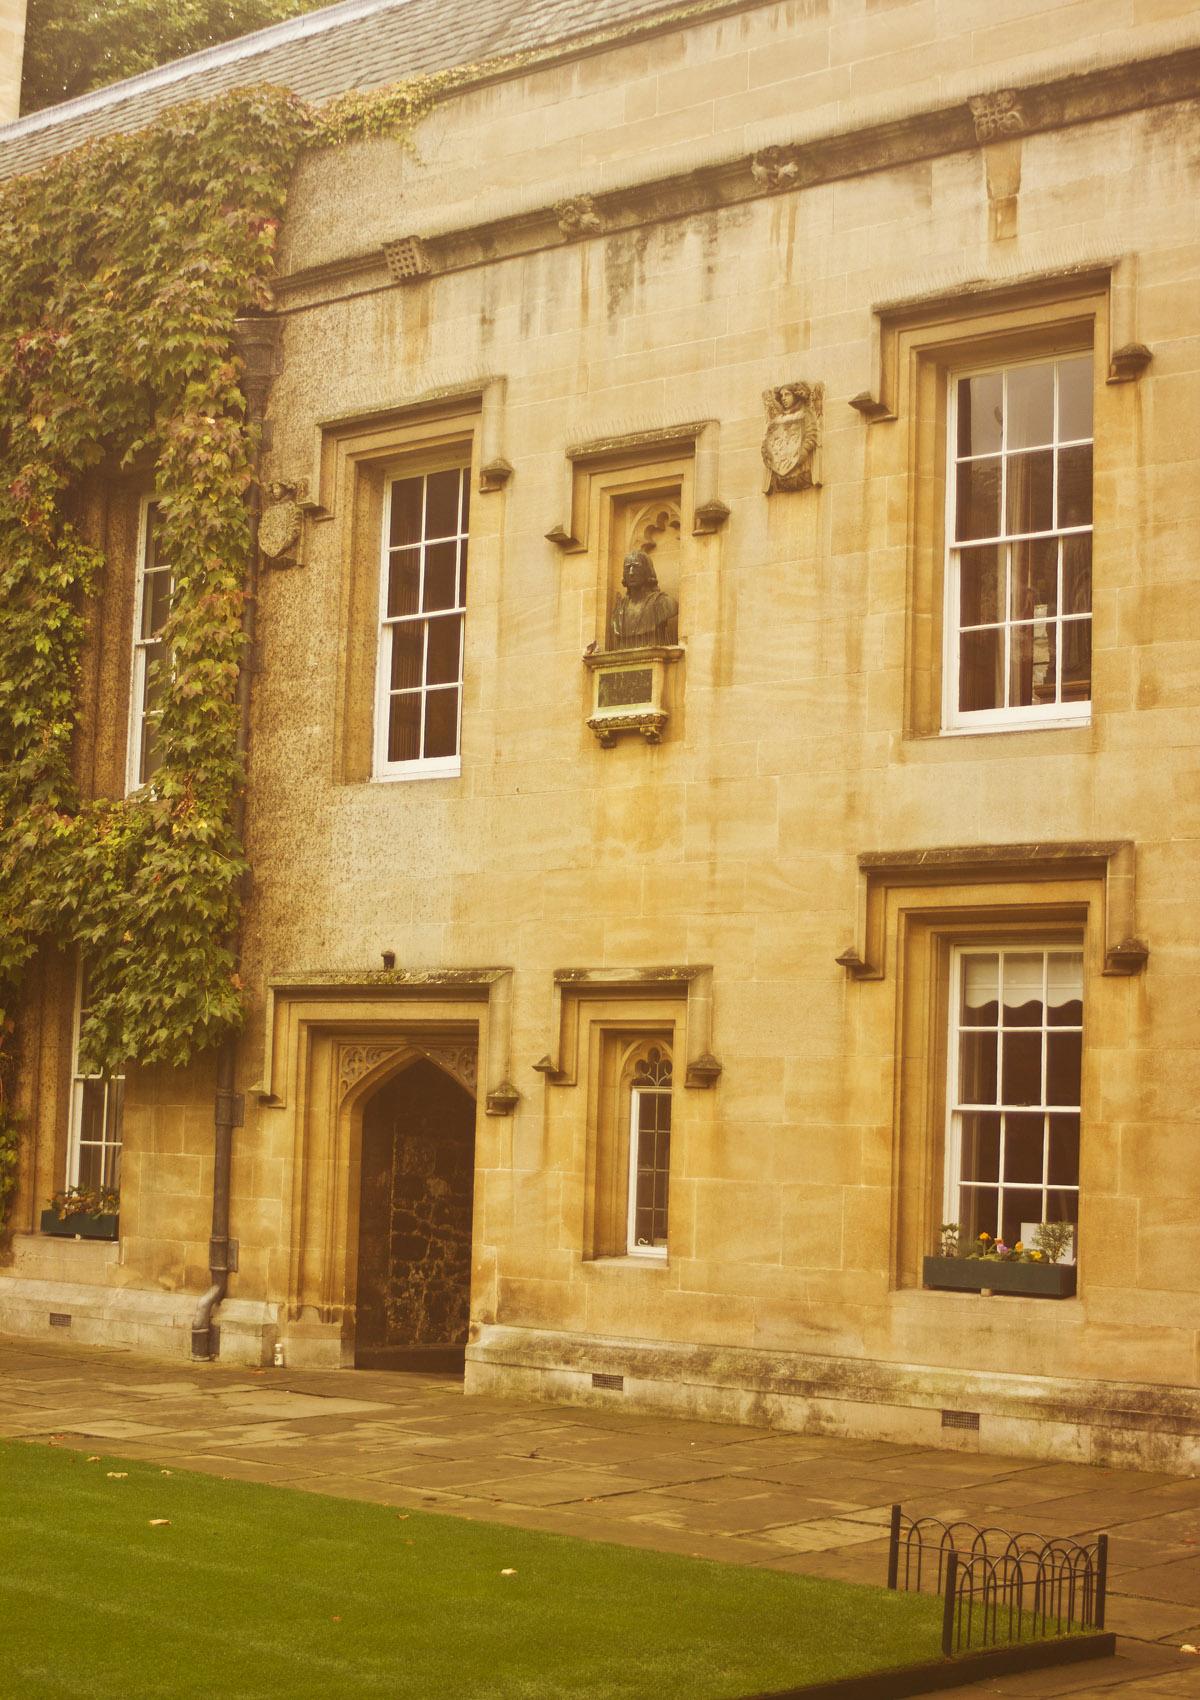 oxford exterior interior road pretty architecture laila tapeparade college oxford university